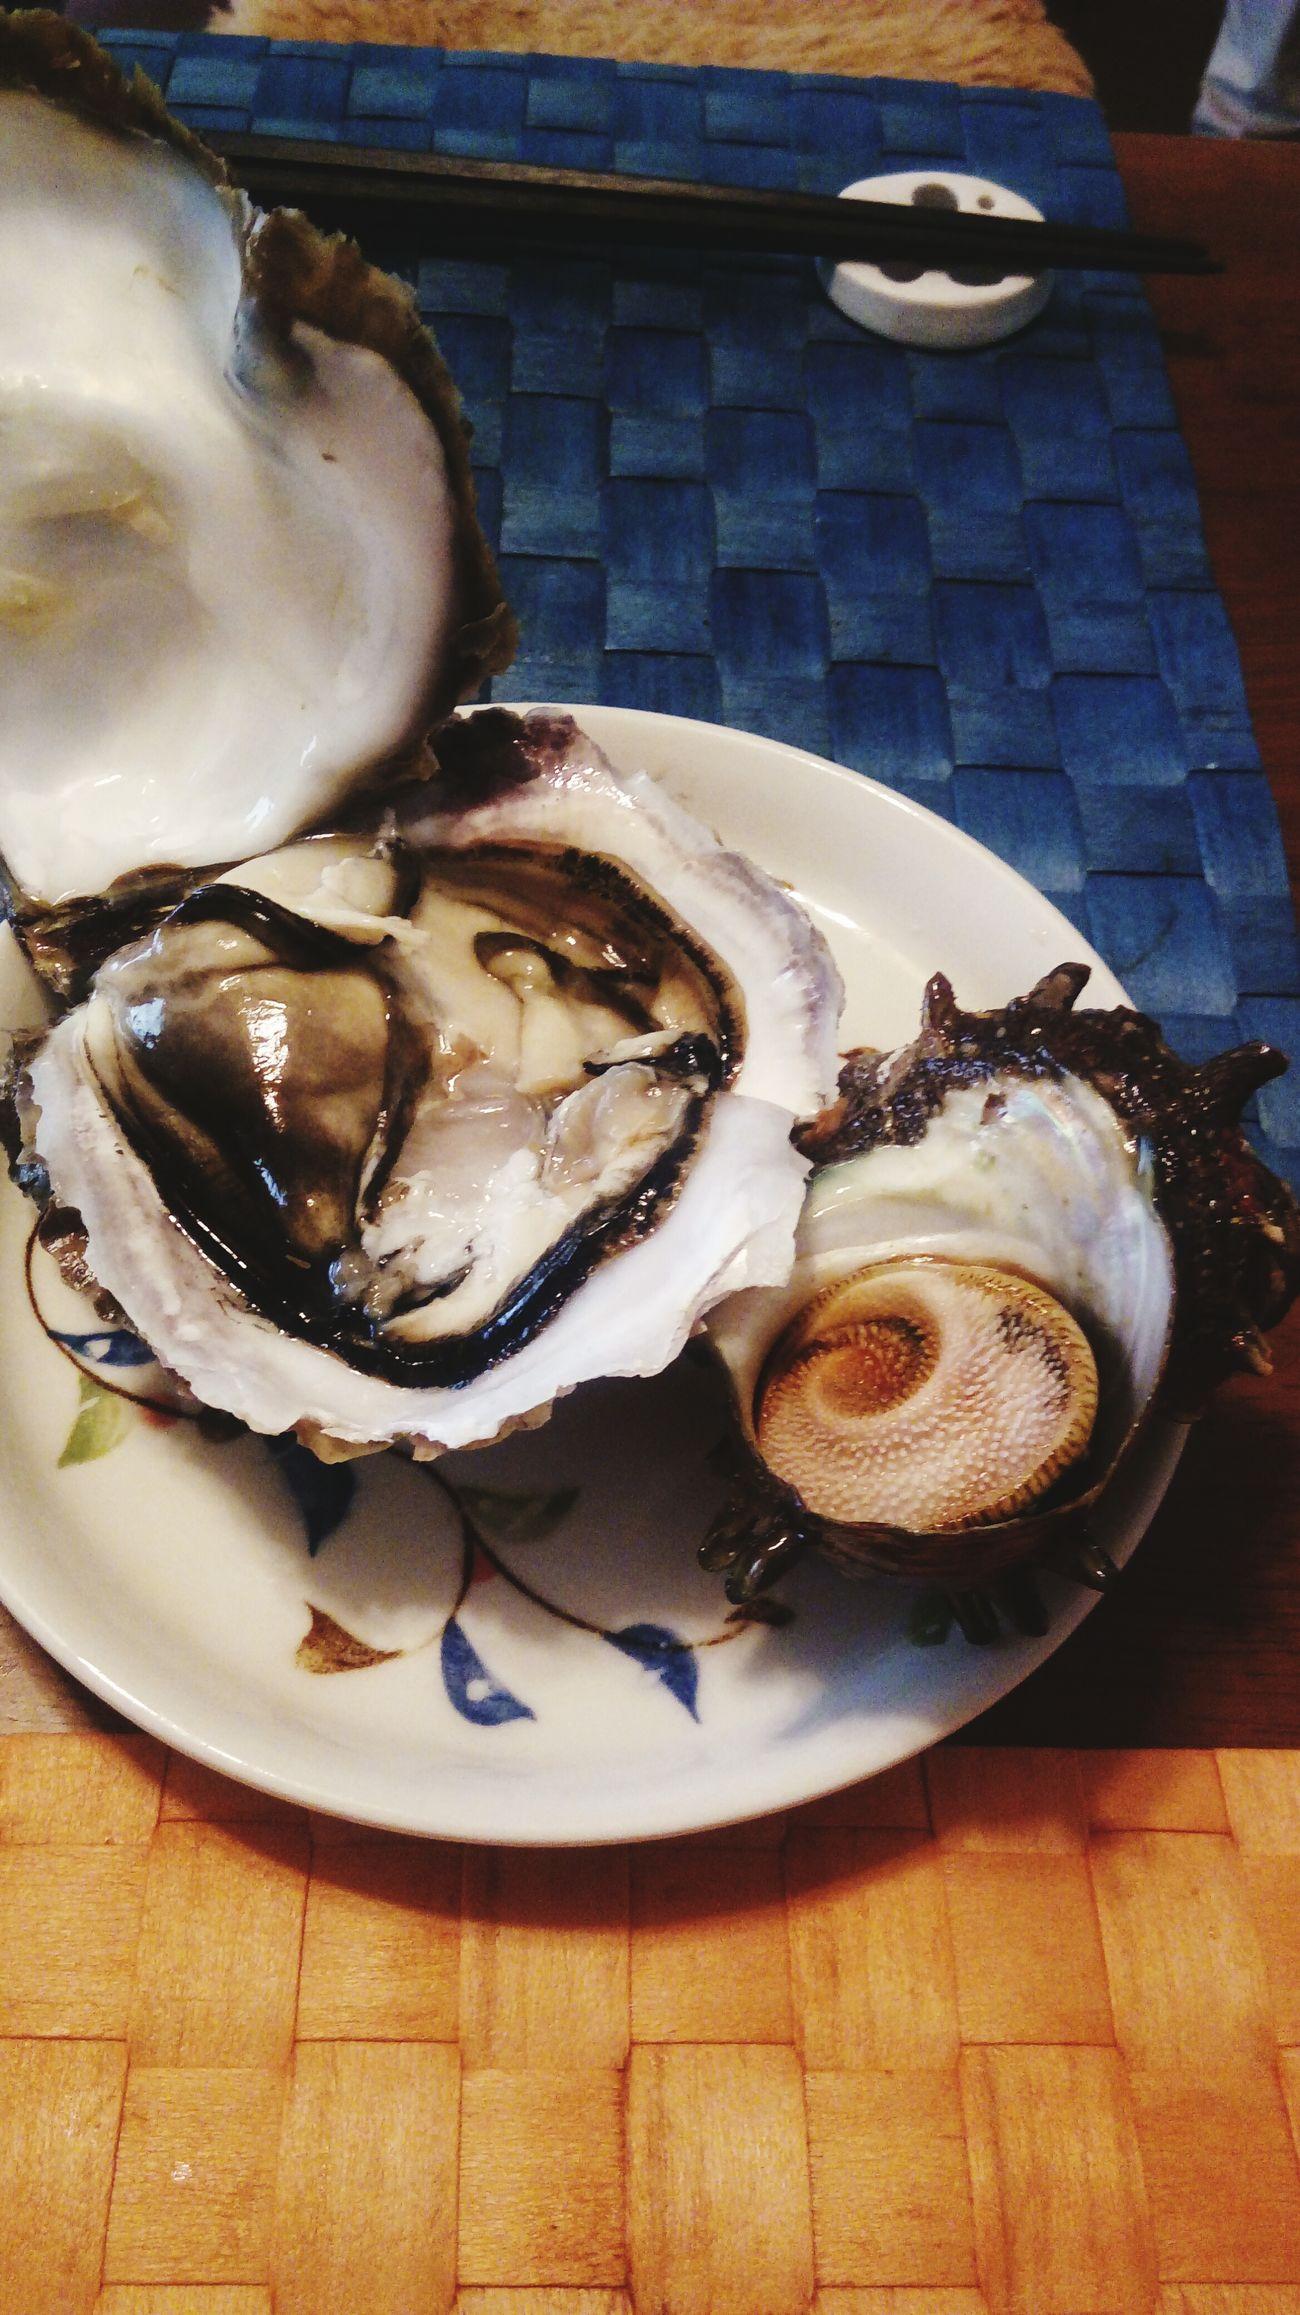 岩牡蠣ってこんなにおっきいんですね!!Chablis より日本酒でした😋 岩牡蠣 Oyster  Sobig 栄螺 日本酒 Chablis  Sake